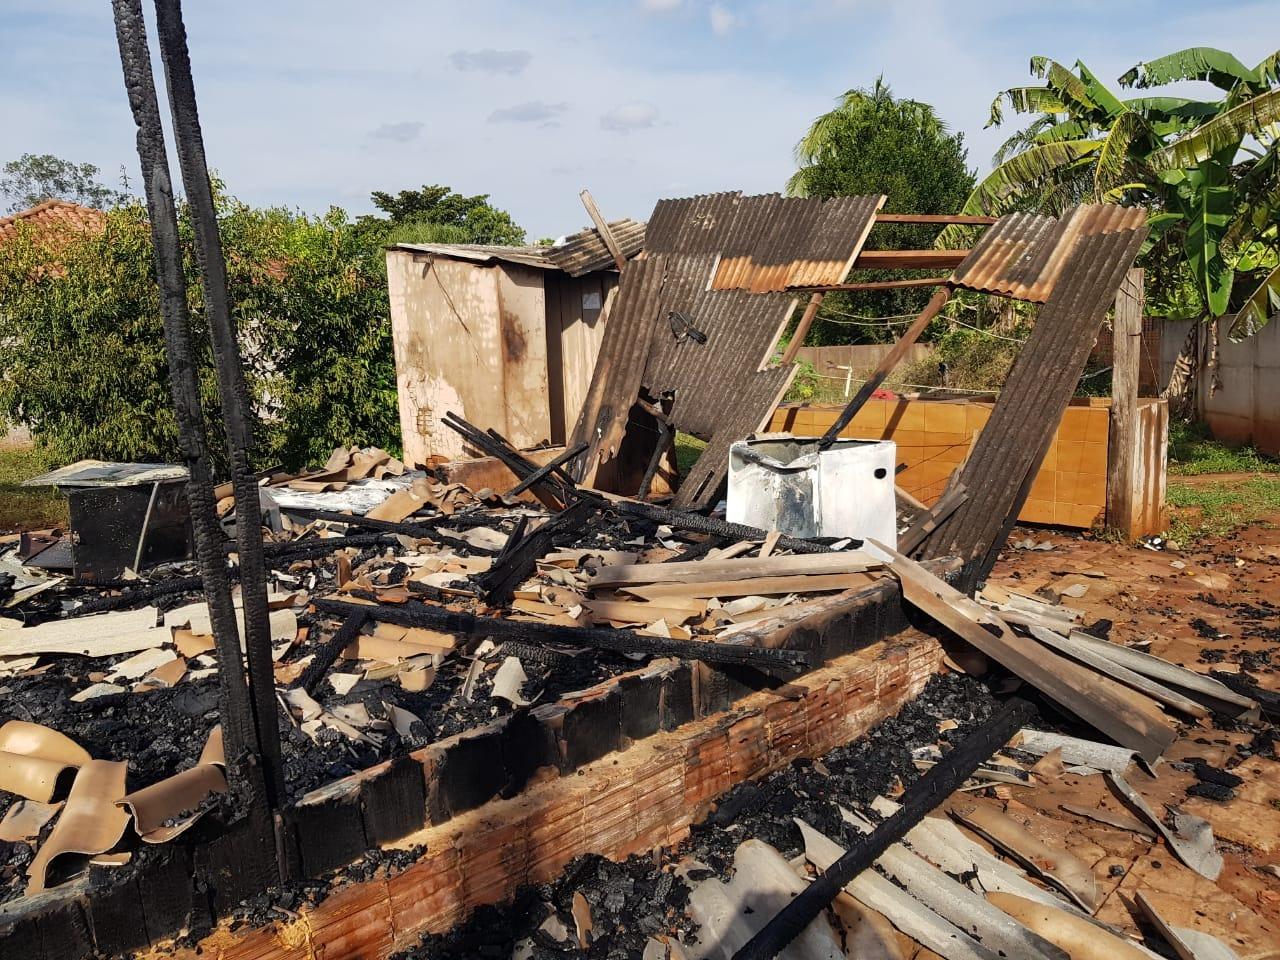 Fotogaleria: casa é consumida pelo fogo em frente ao CMEIC